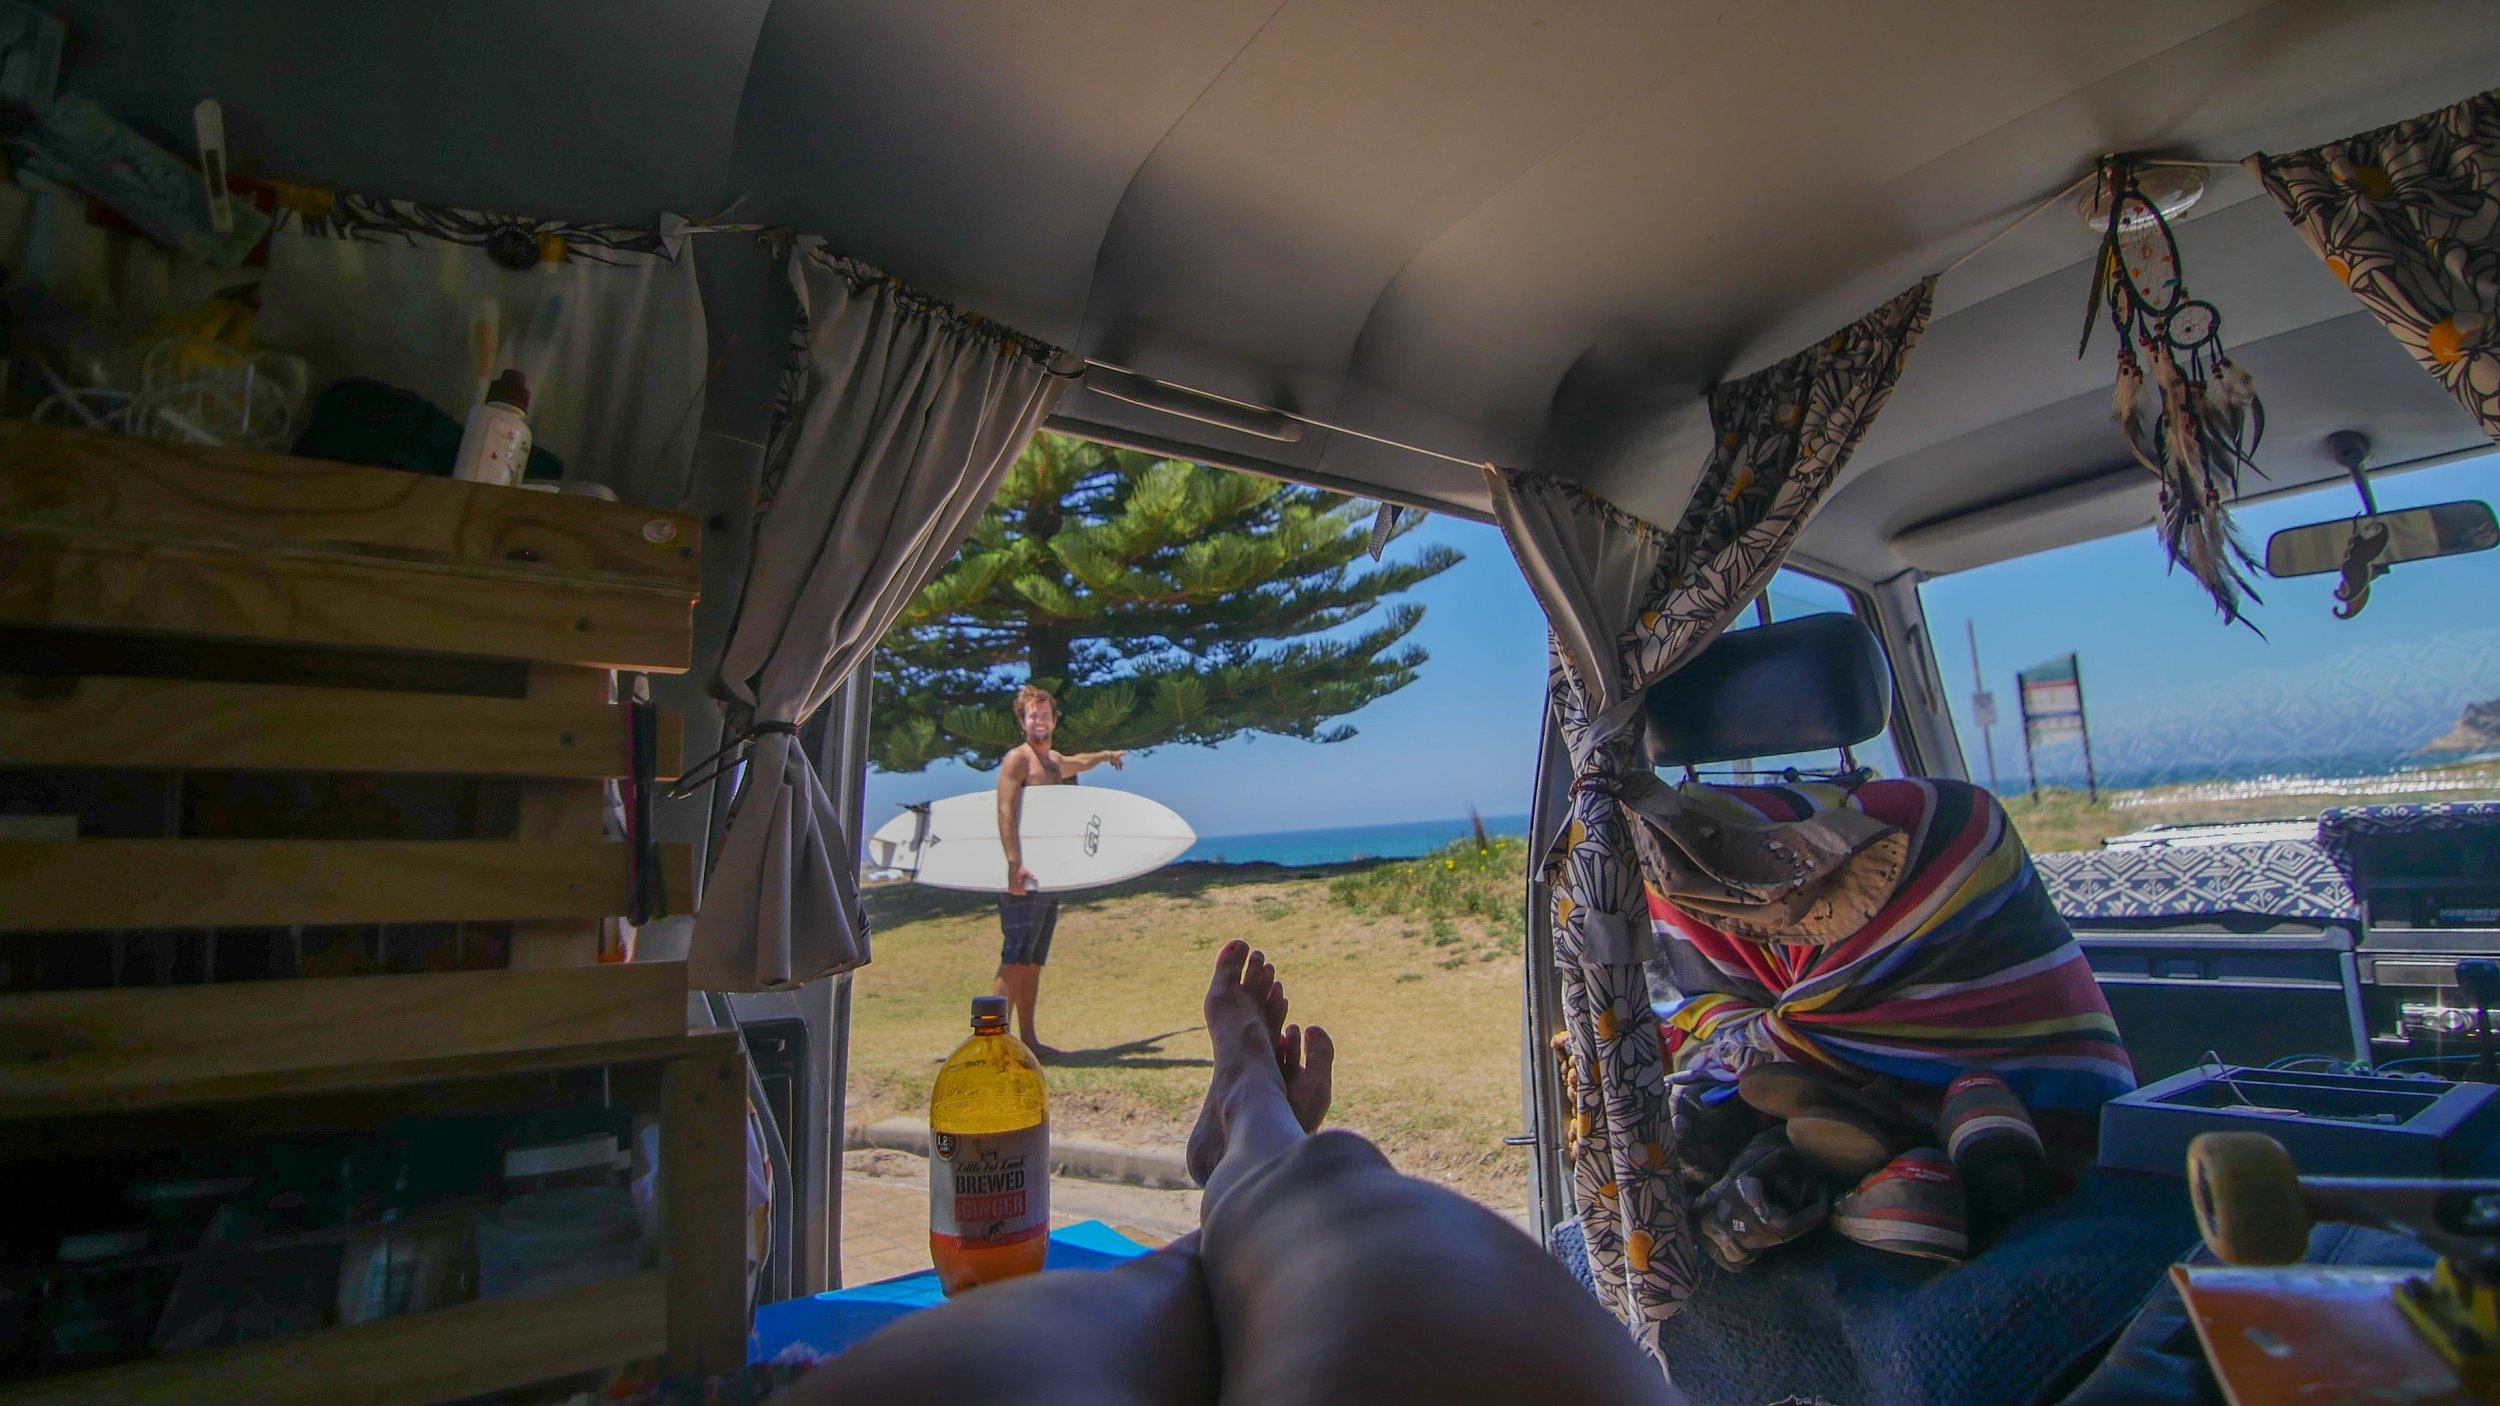 Northern NSW Road Trip Australia Van Life (13 of 15).jpg